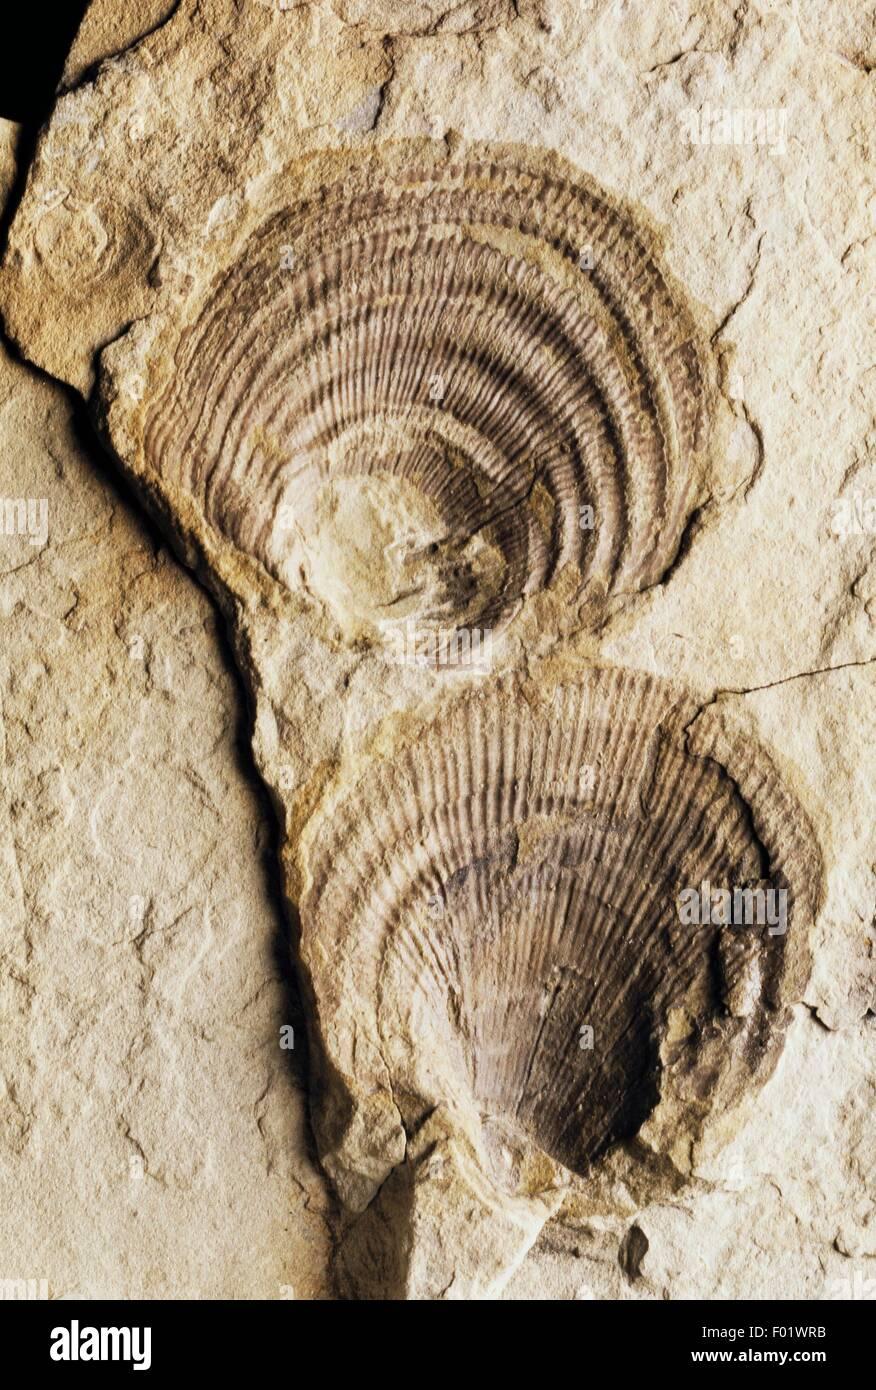 Claraia clarai fossils, Bivalvia, Early Triassic. - Stock Image